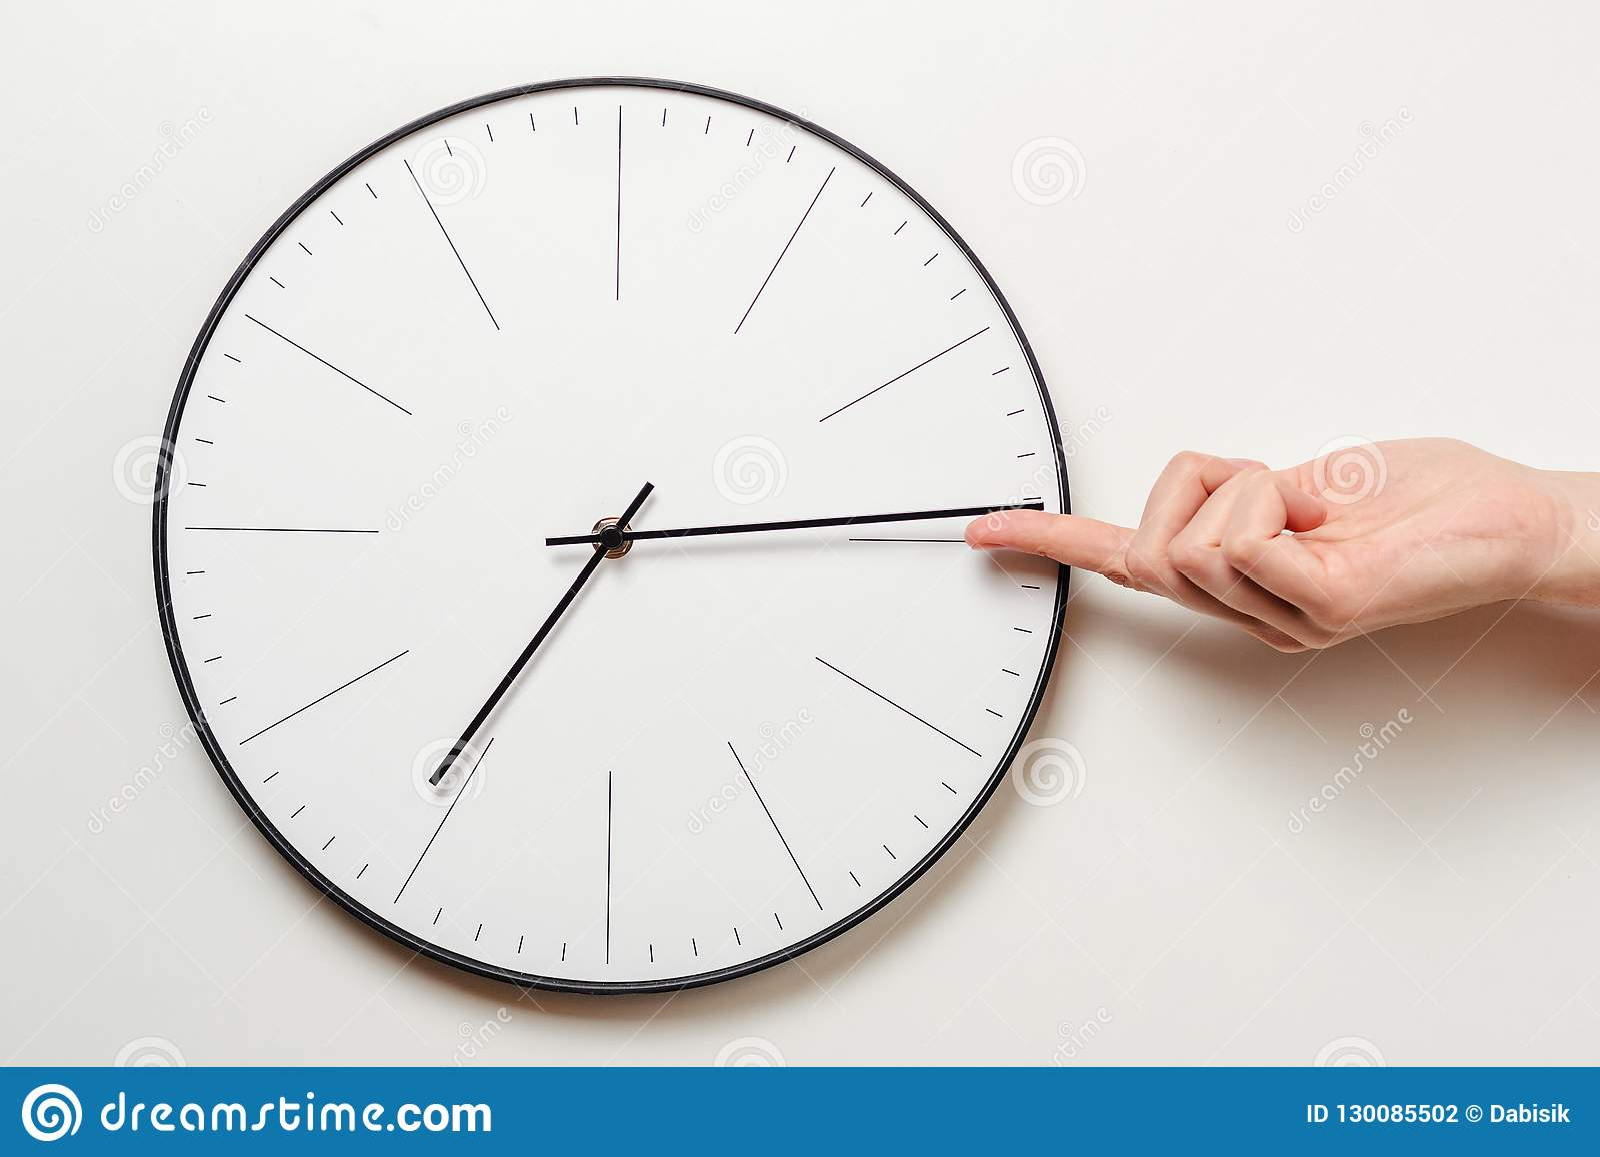 Ο χρόνος στάσεων χεριών γυναικών στο στρογγυλό ρολόι, θηλυκό δάχτυλο παίρνει το μικρό βέλος της πλάτης ρολογιών, της χρονικής δια